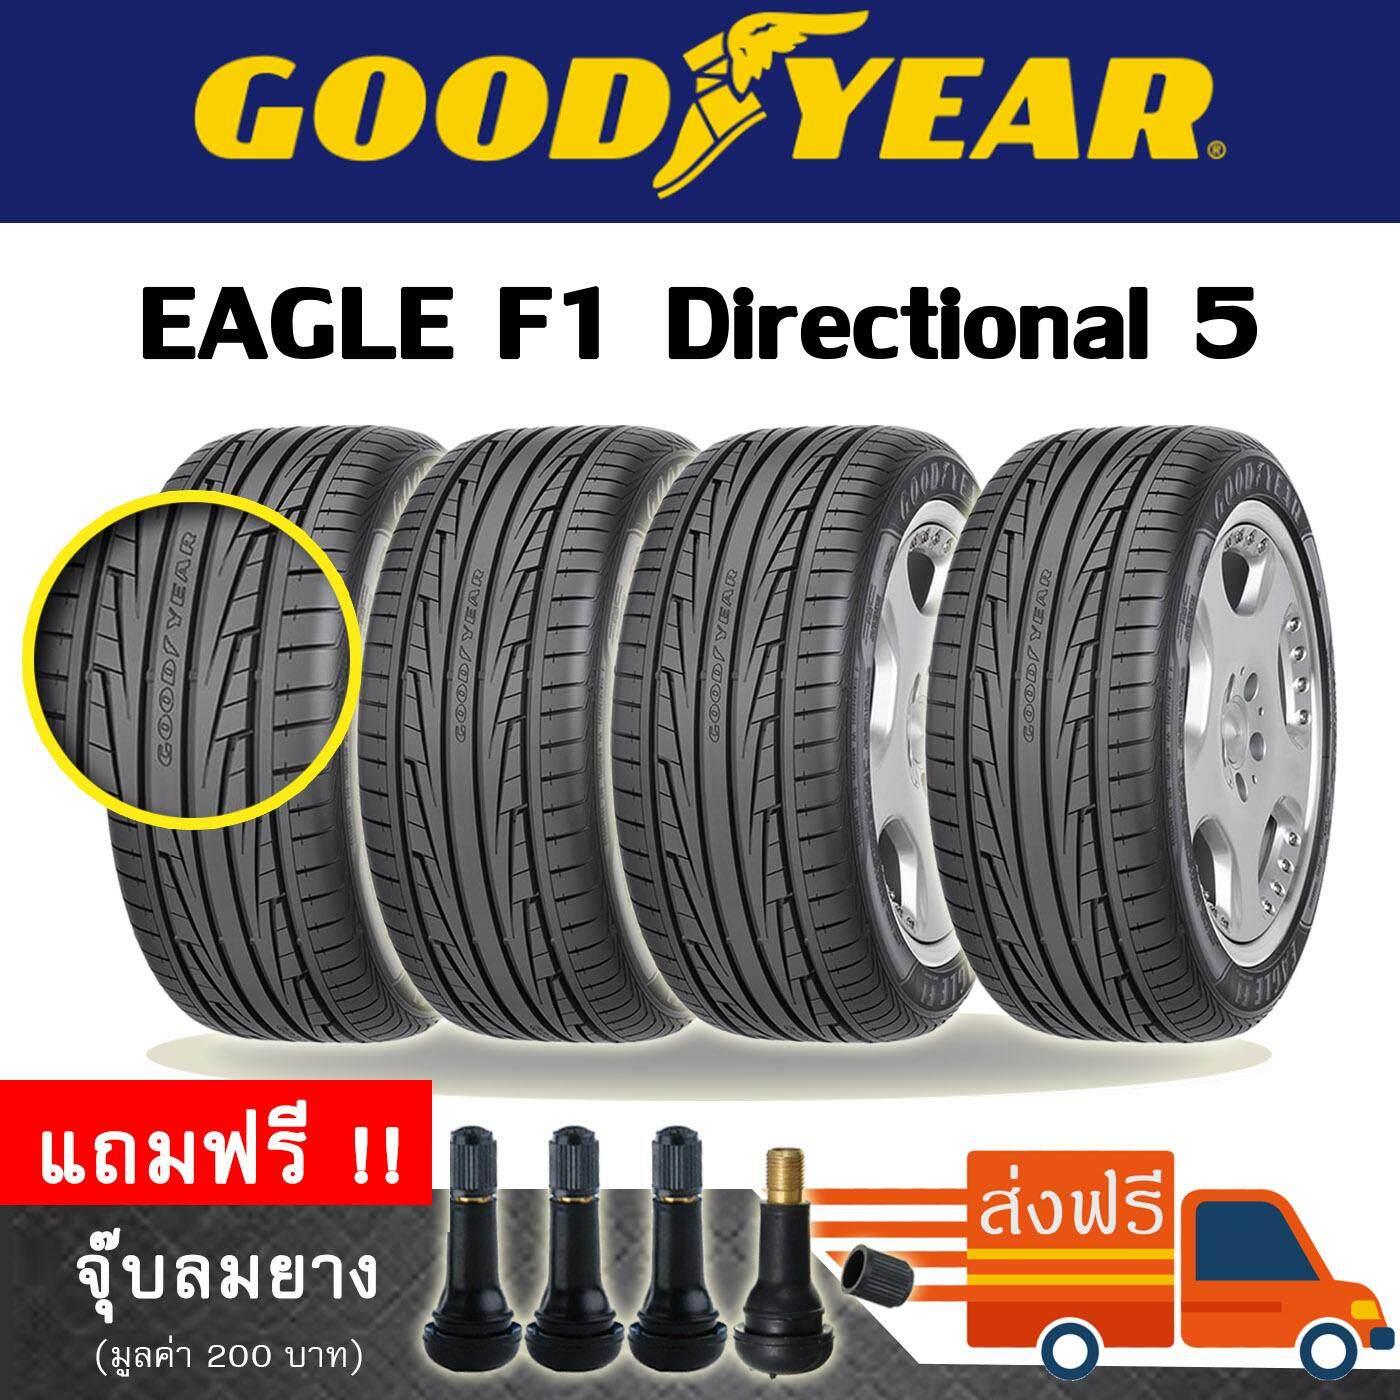 ประกันภัย รถยนต์ 3 พลัส ราคา ถูก ตรัง ยางรถยนต์ GOODYEAR 205/45R17 รุ่น F1 Diractional 5 (4 เส้น) ยางใหม่ปี 2018